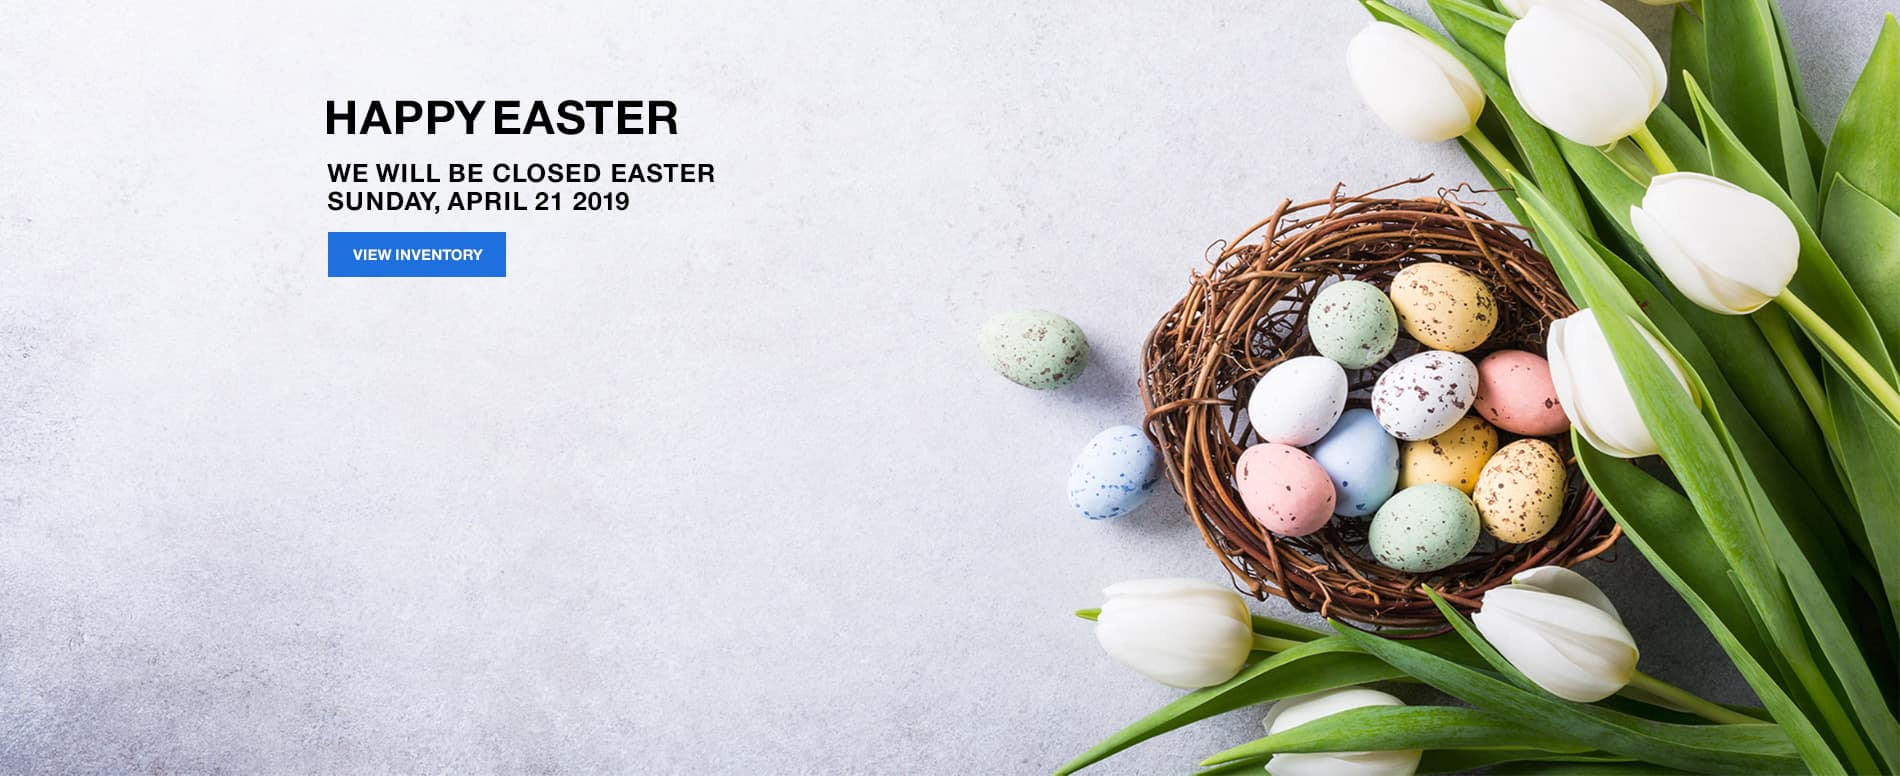 Easter-April-21-2019